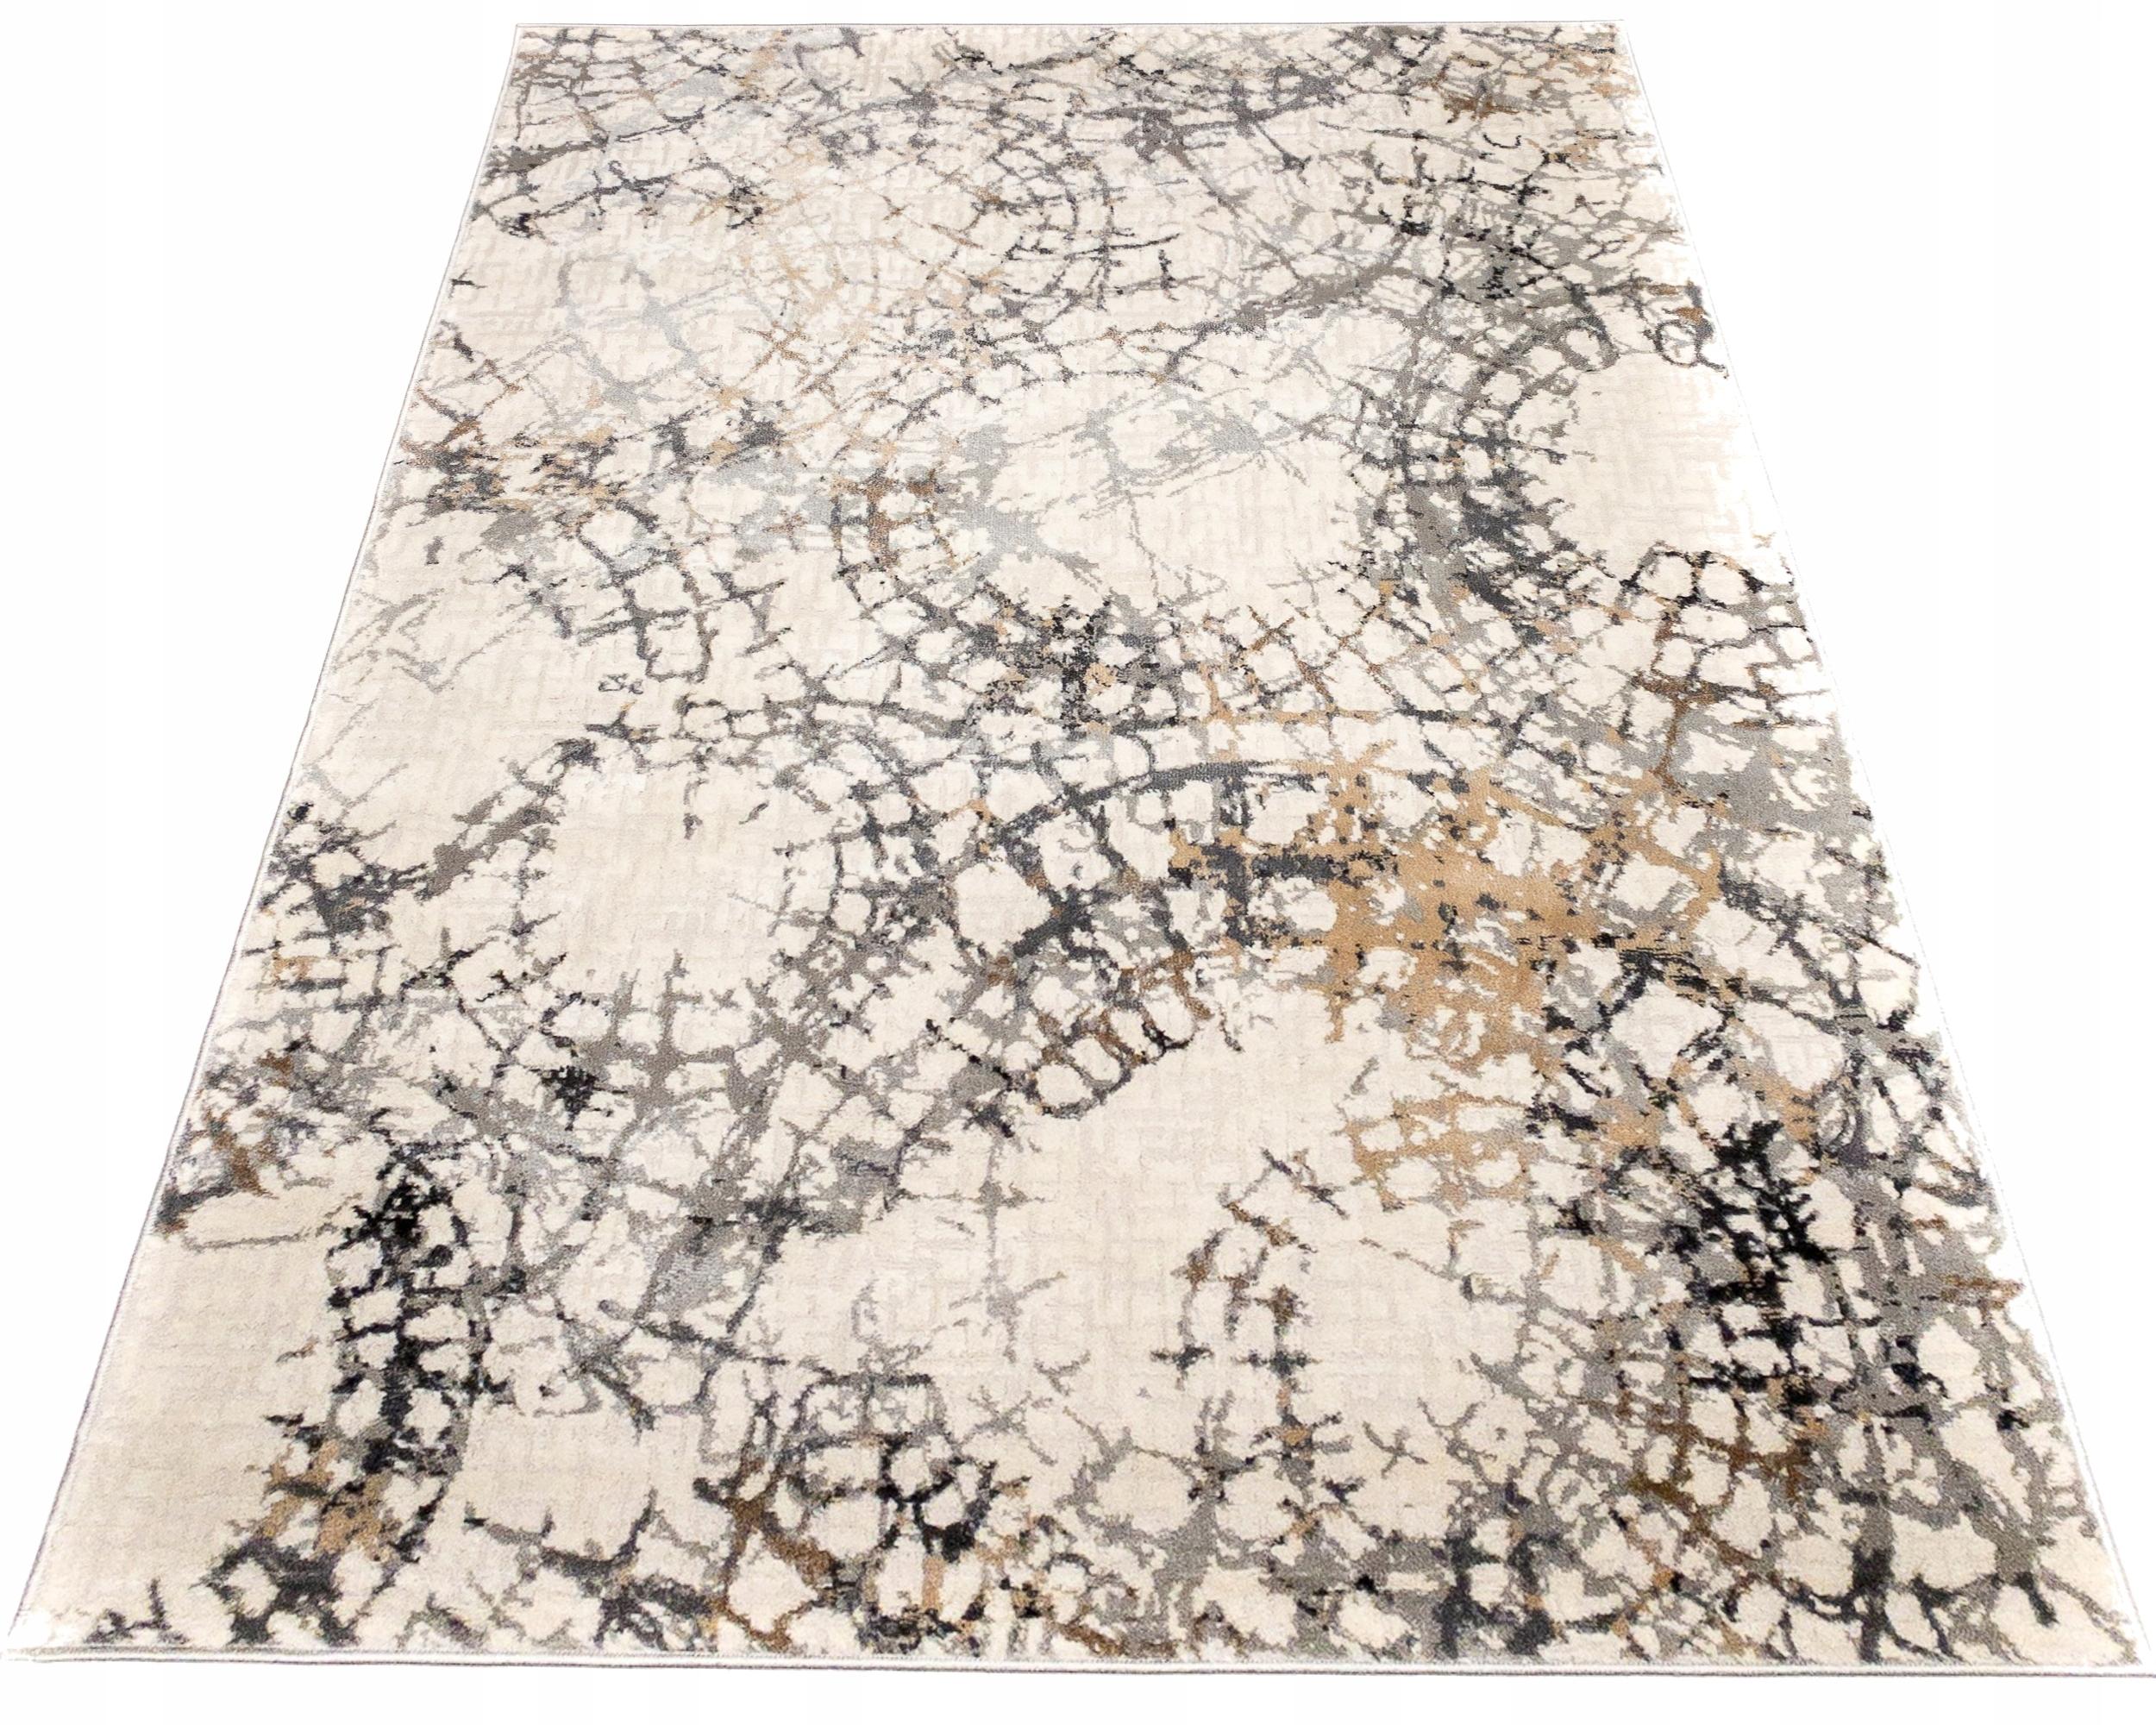 Orientalny dywan 160x230 salonowy Vintage miękki